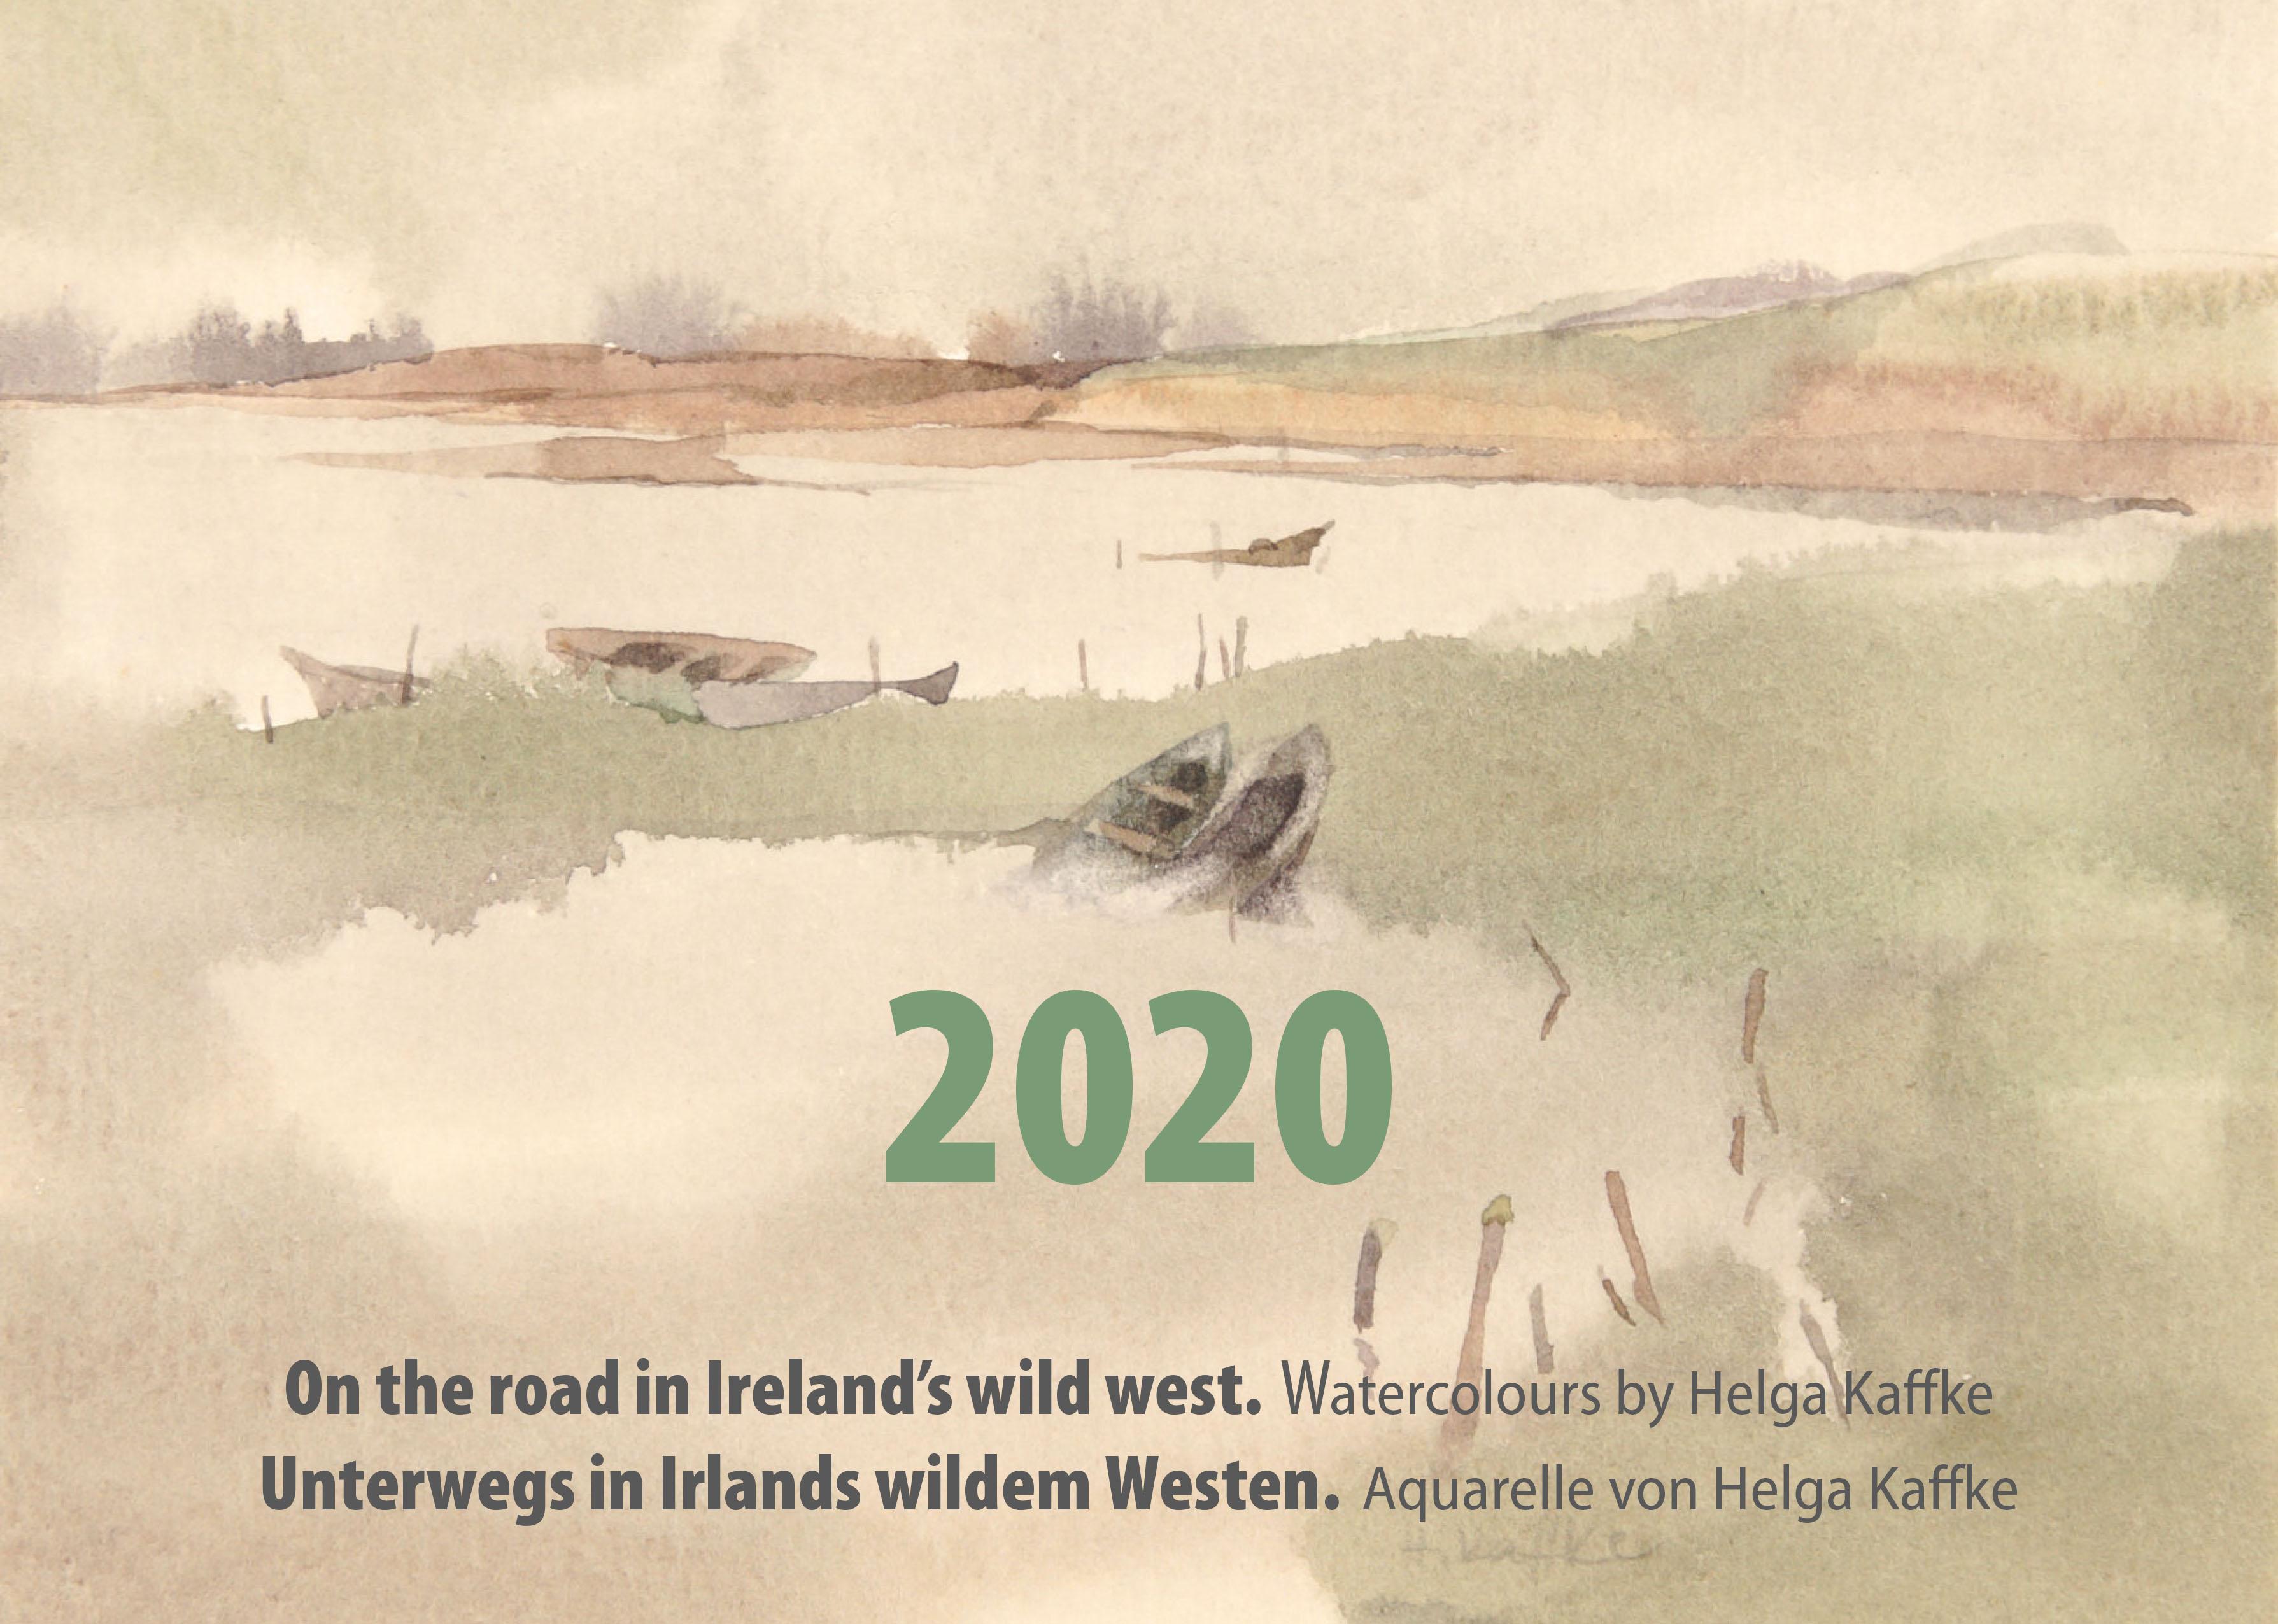 Unterwegs in Irlands wildem Westen/On the road in Ireland's wild west. Kalender 2020 von Helga Kaffke